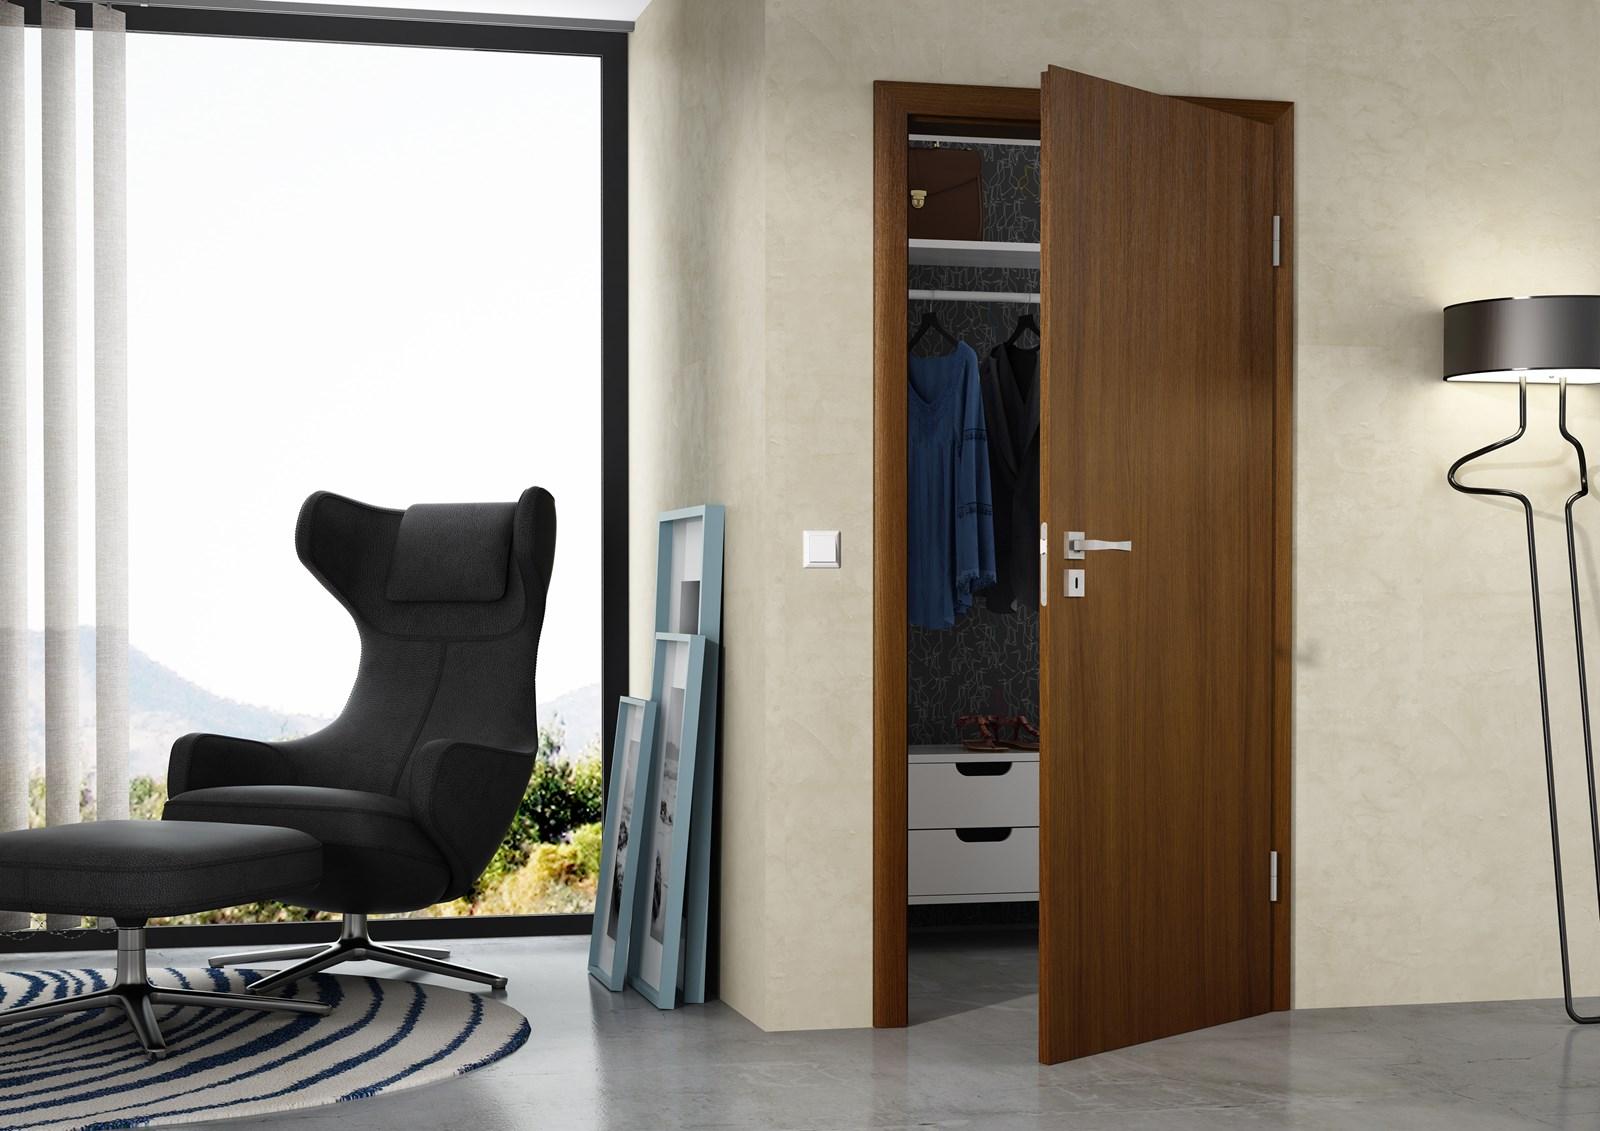 raffinierte t ren renovierung mit system portas schweiz renovierung. Black Bedroom Furniture Sets. Home Design Ideas